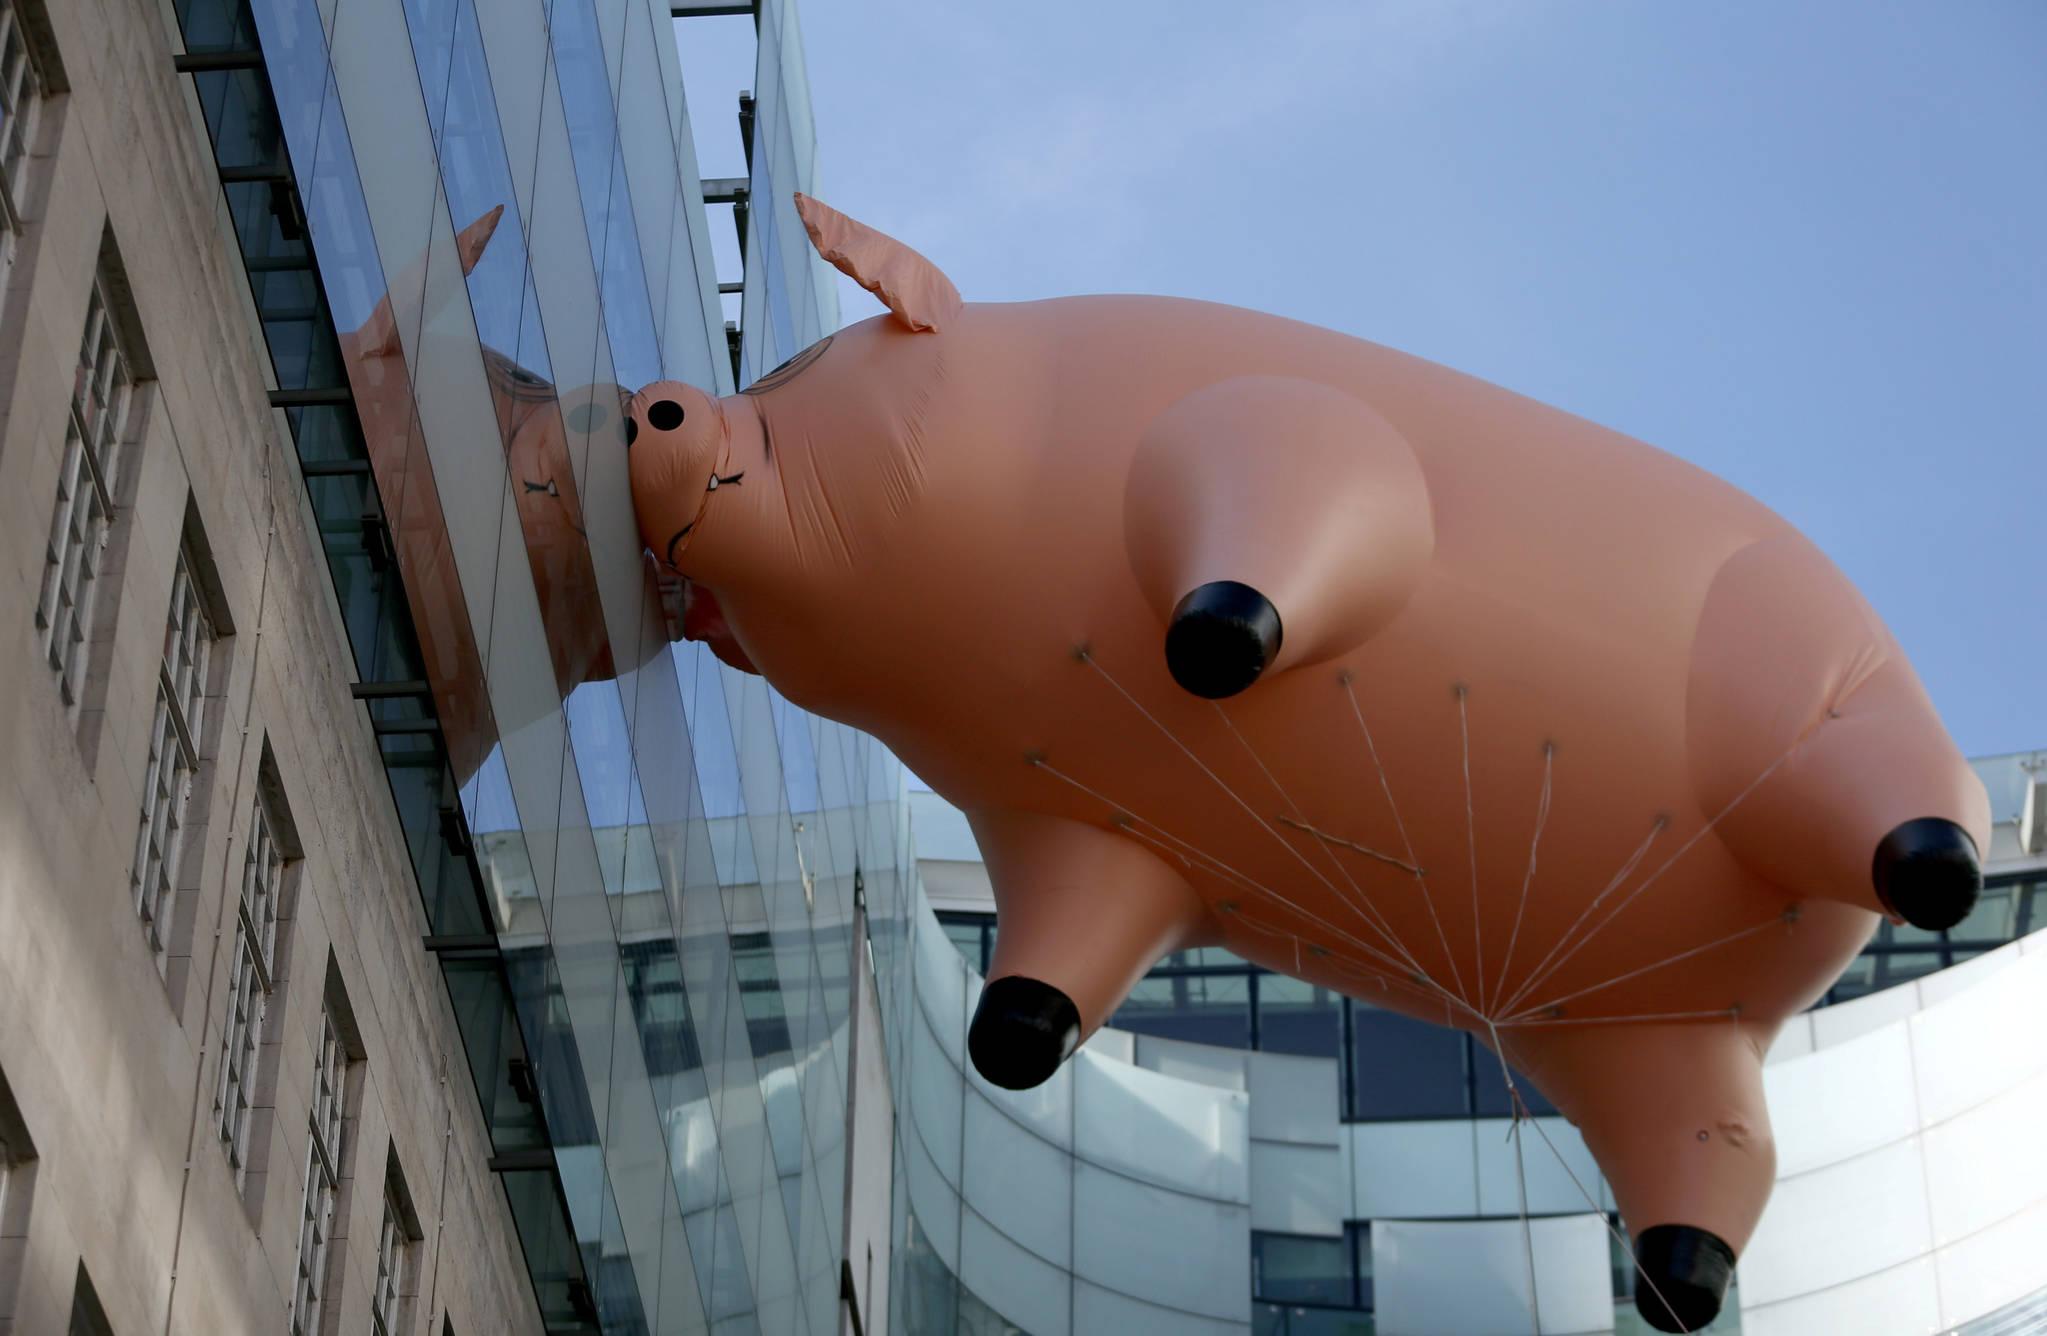 핑크 플로이드 돼지가10일(현지시간) 영국 런던 브로드캐스팅 하우스 옆을 날다 벽에 부딪히고 있다. 이 돼지는 영국 런던 V&A 박물관이 새로운 전시회를 홍보하기 위해 제작했다. [로이터=뉴스1]